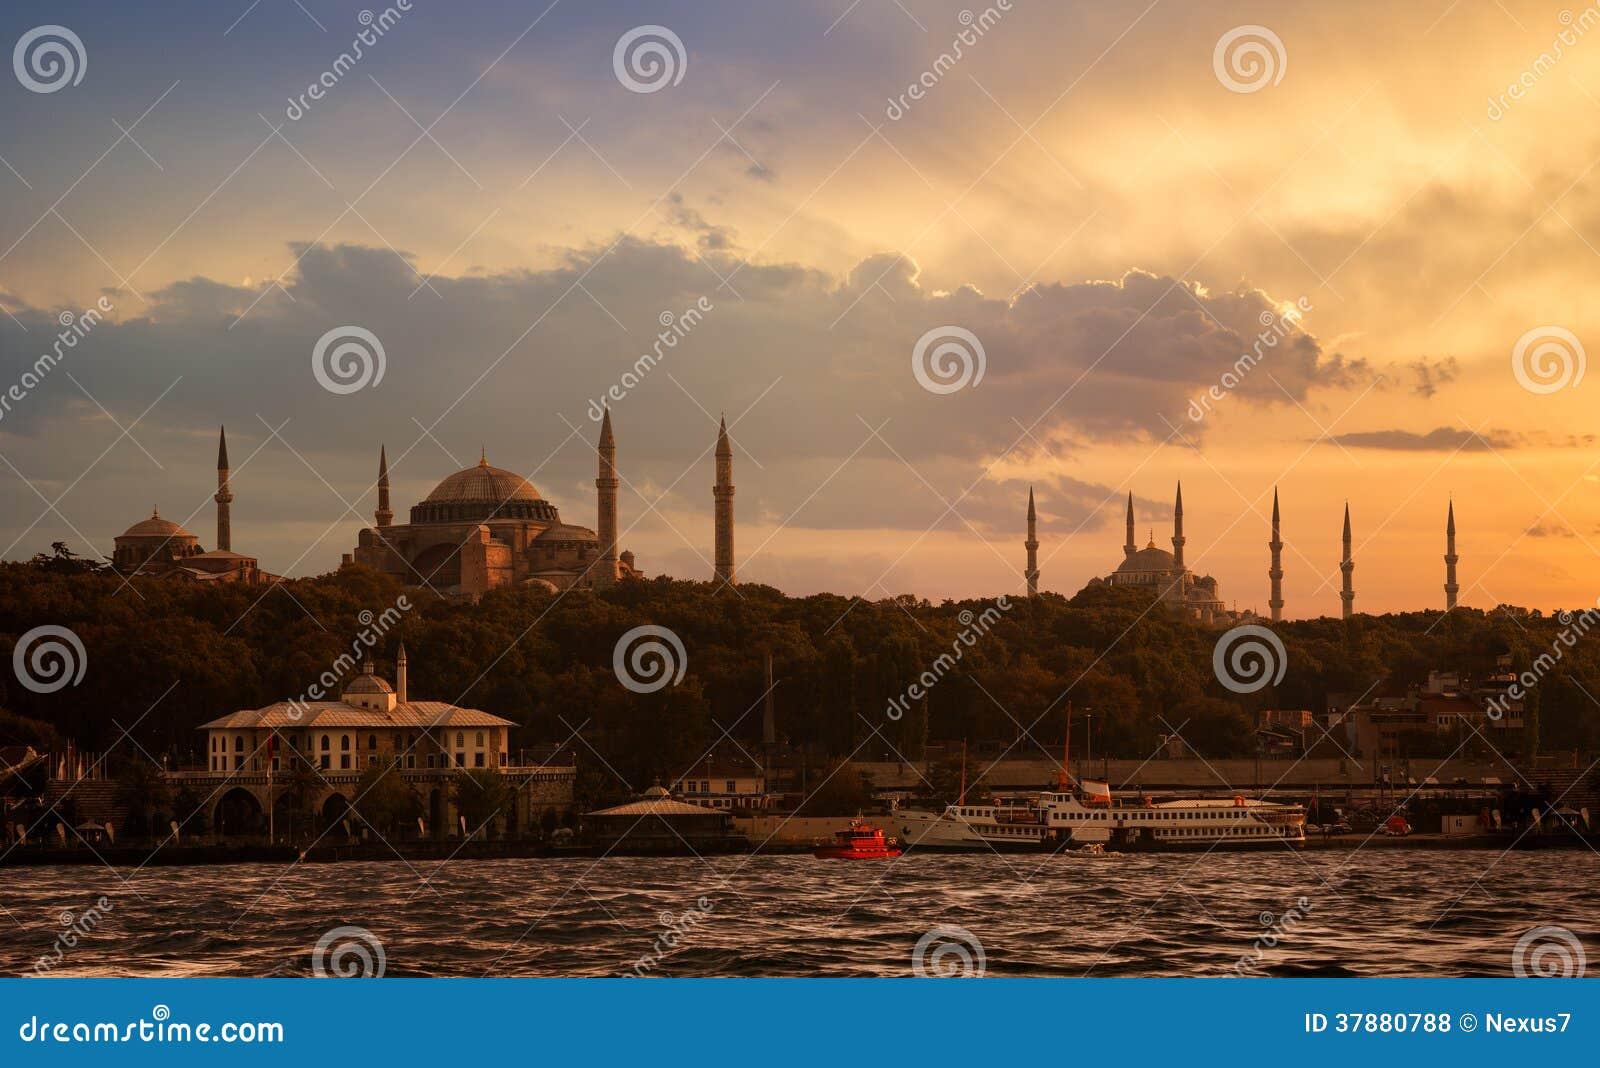 Istanboel het Historische Schiereiland